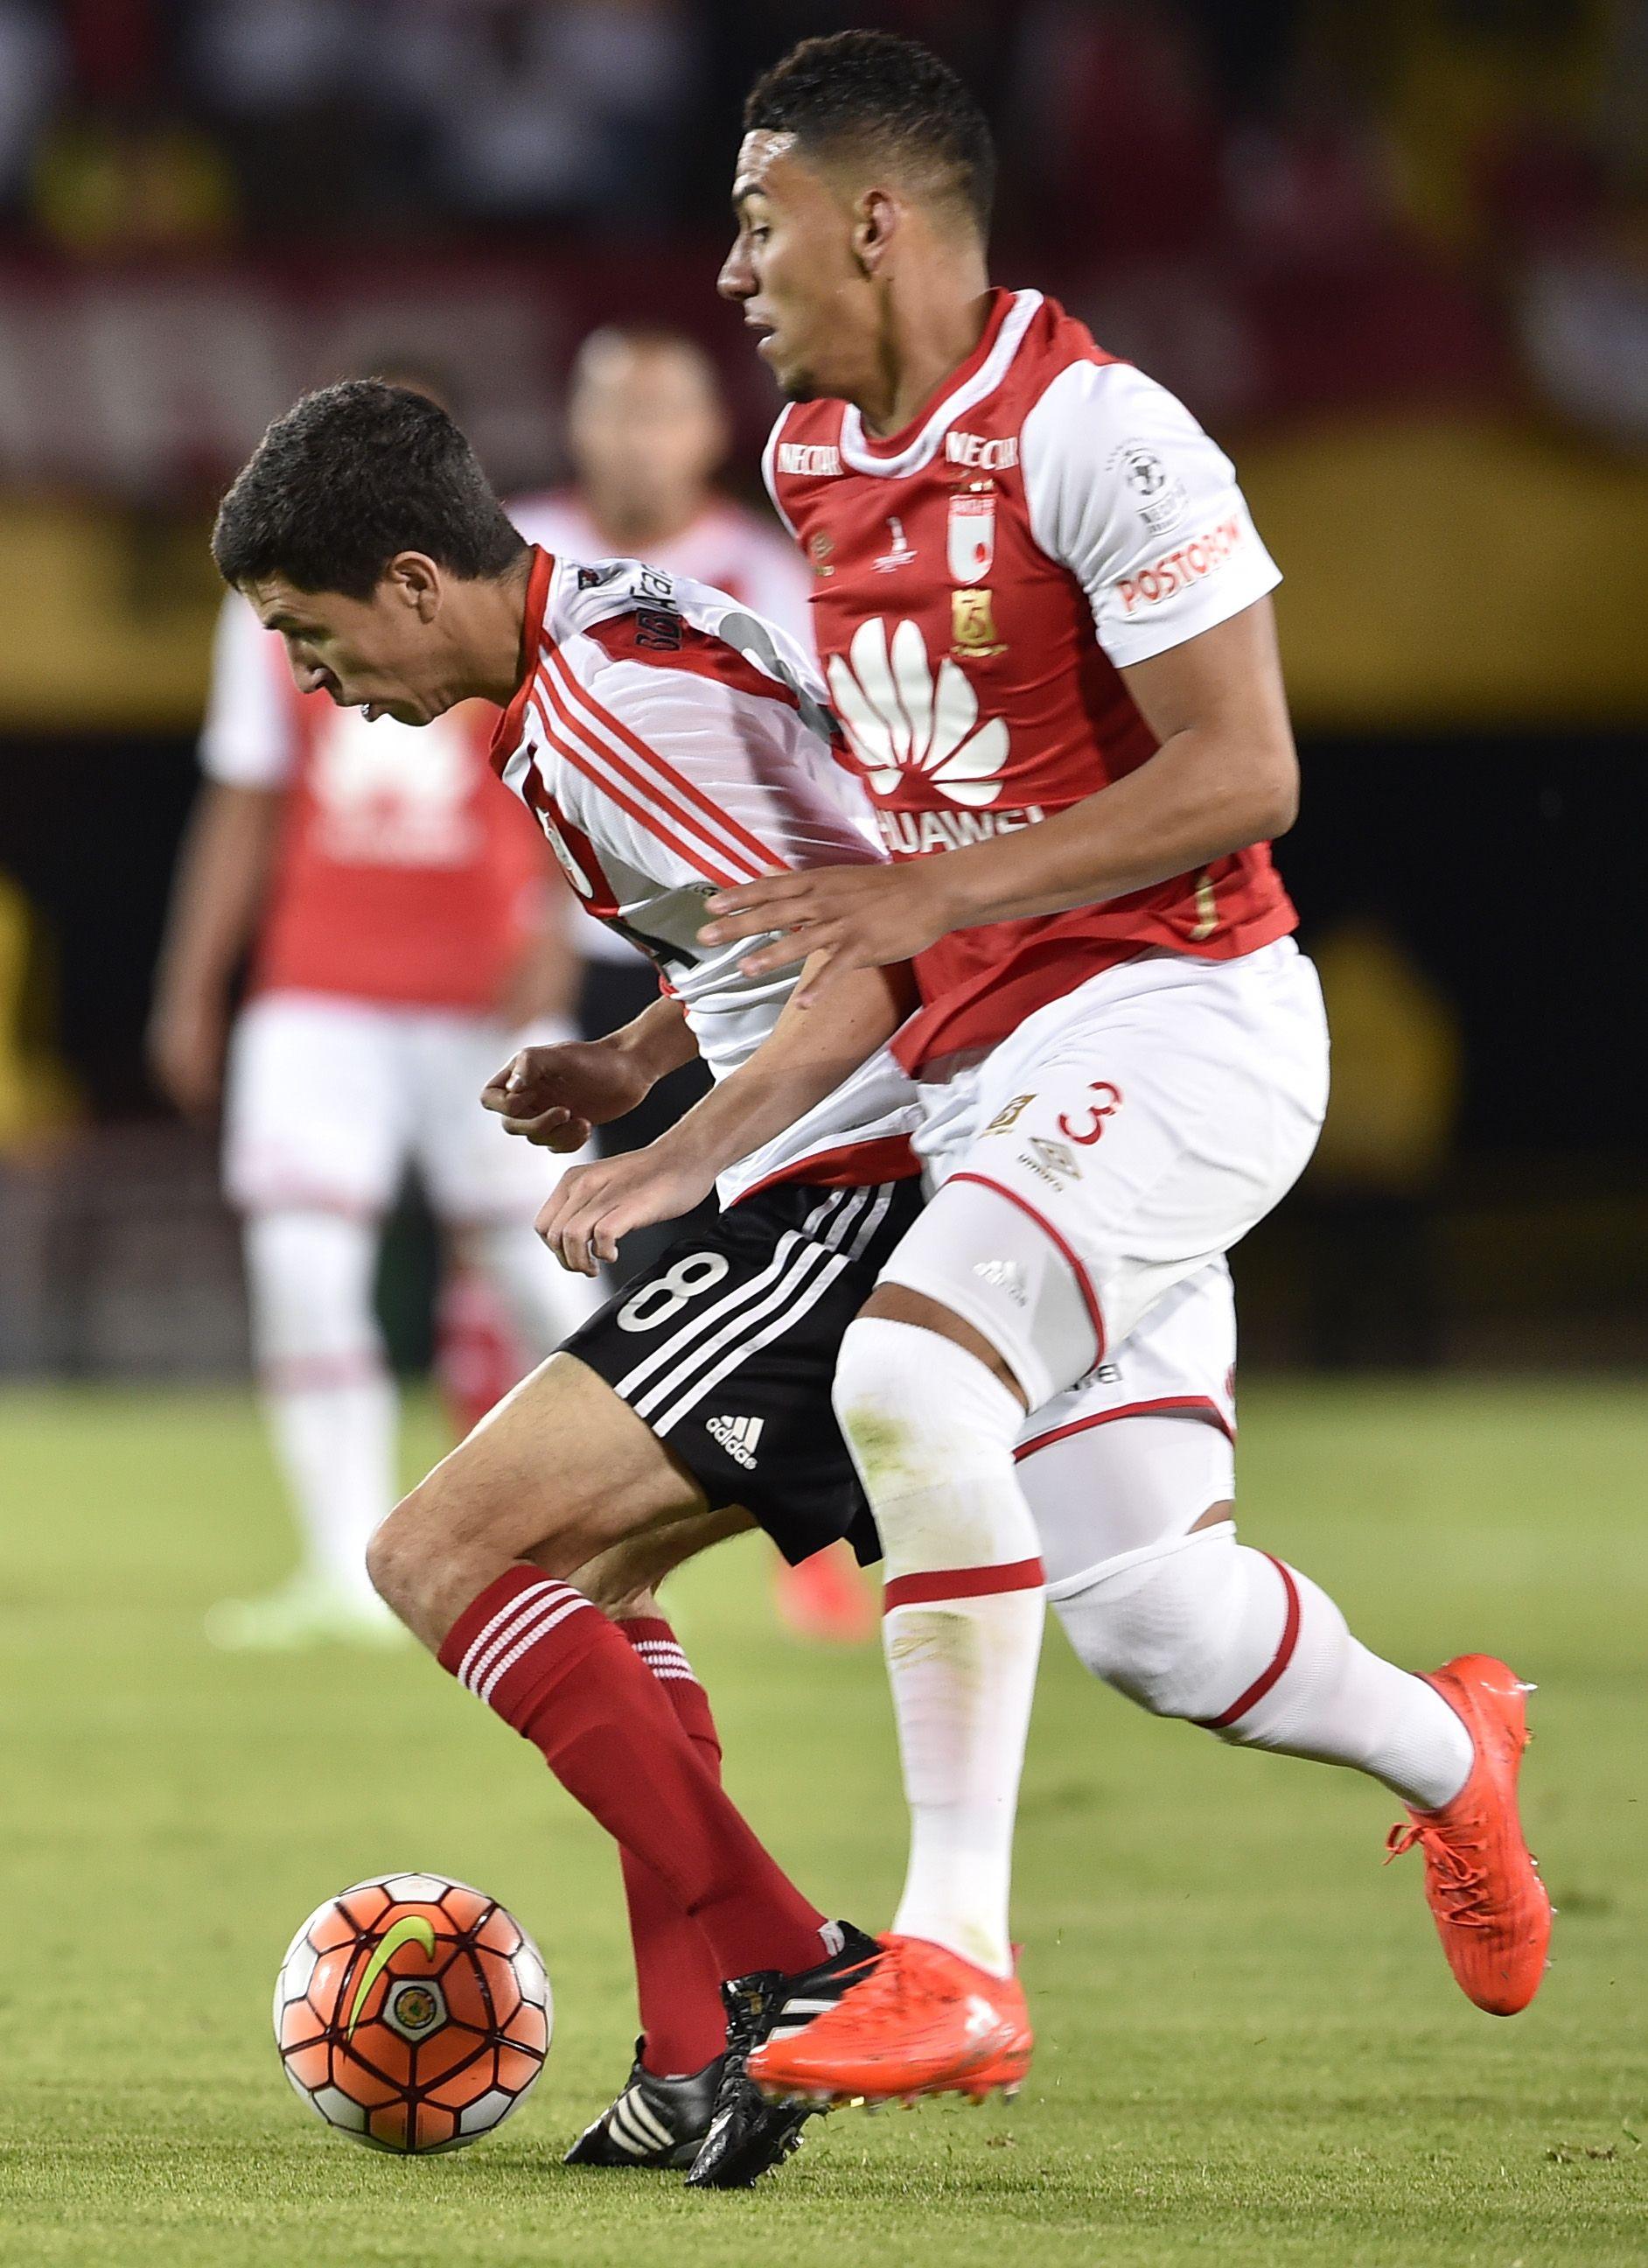 La vuelta de la Recopa entre River e Independiente Santa Fe ya tiene árbitro